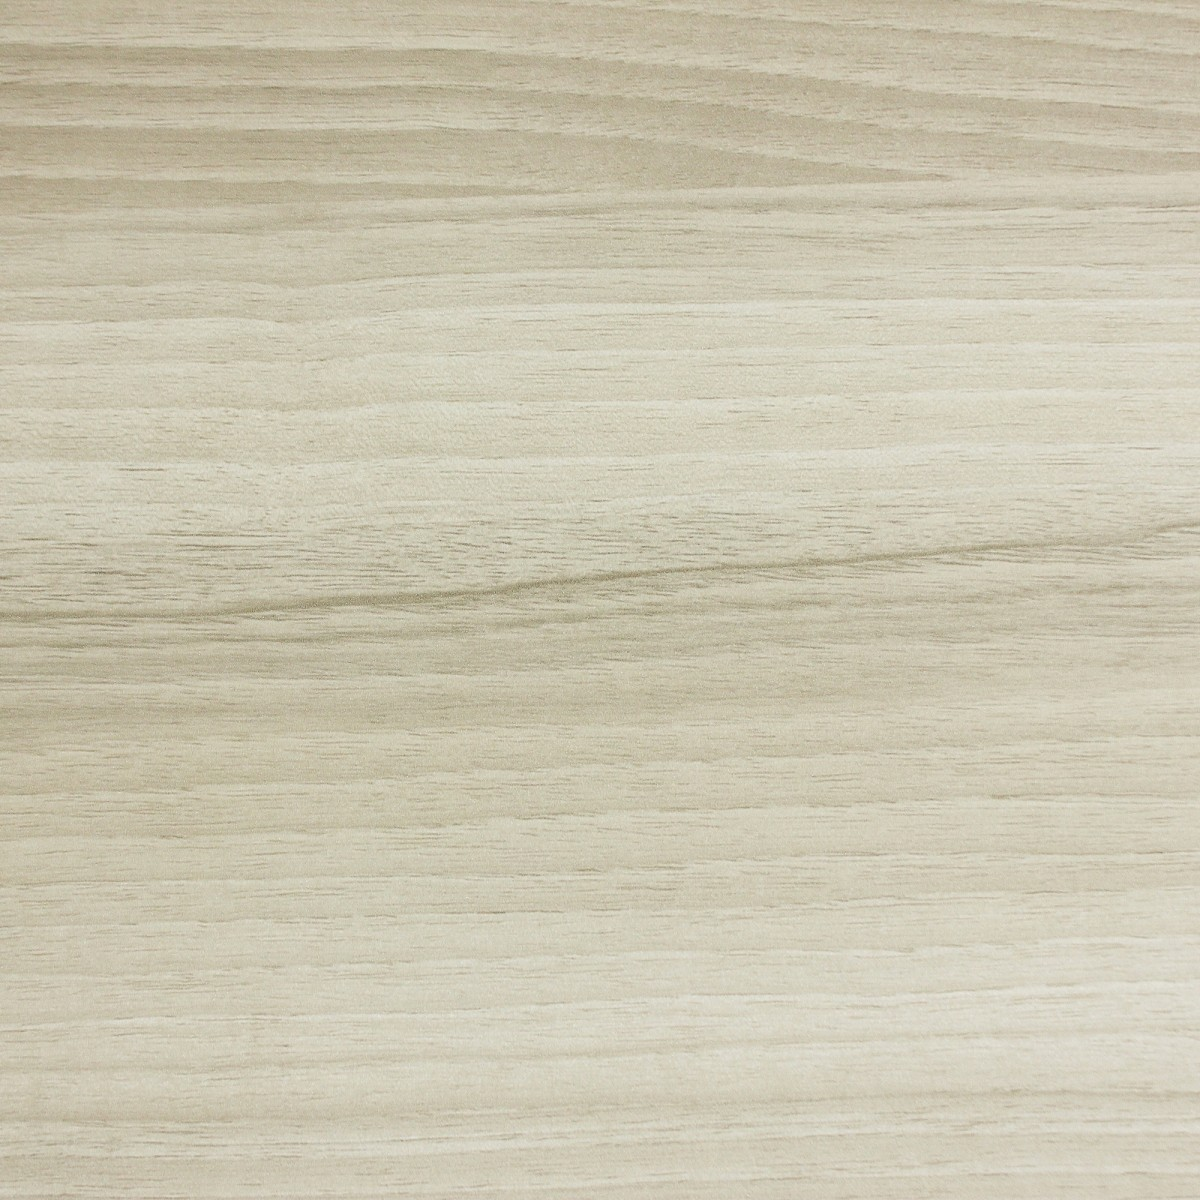 Дверь Межкомнатная Глухая Ламинированная Унико 70x200 Цвет Светлый Орех